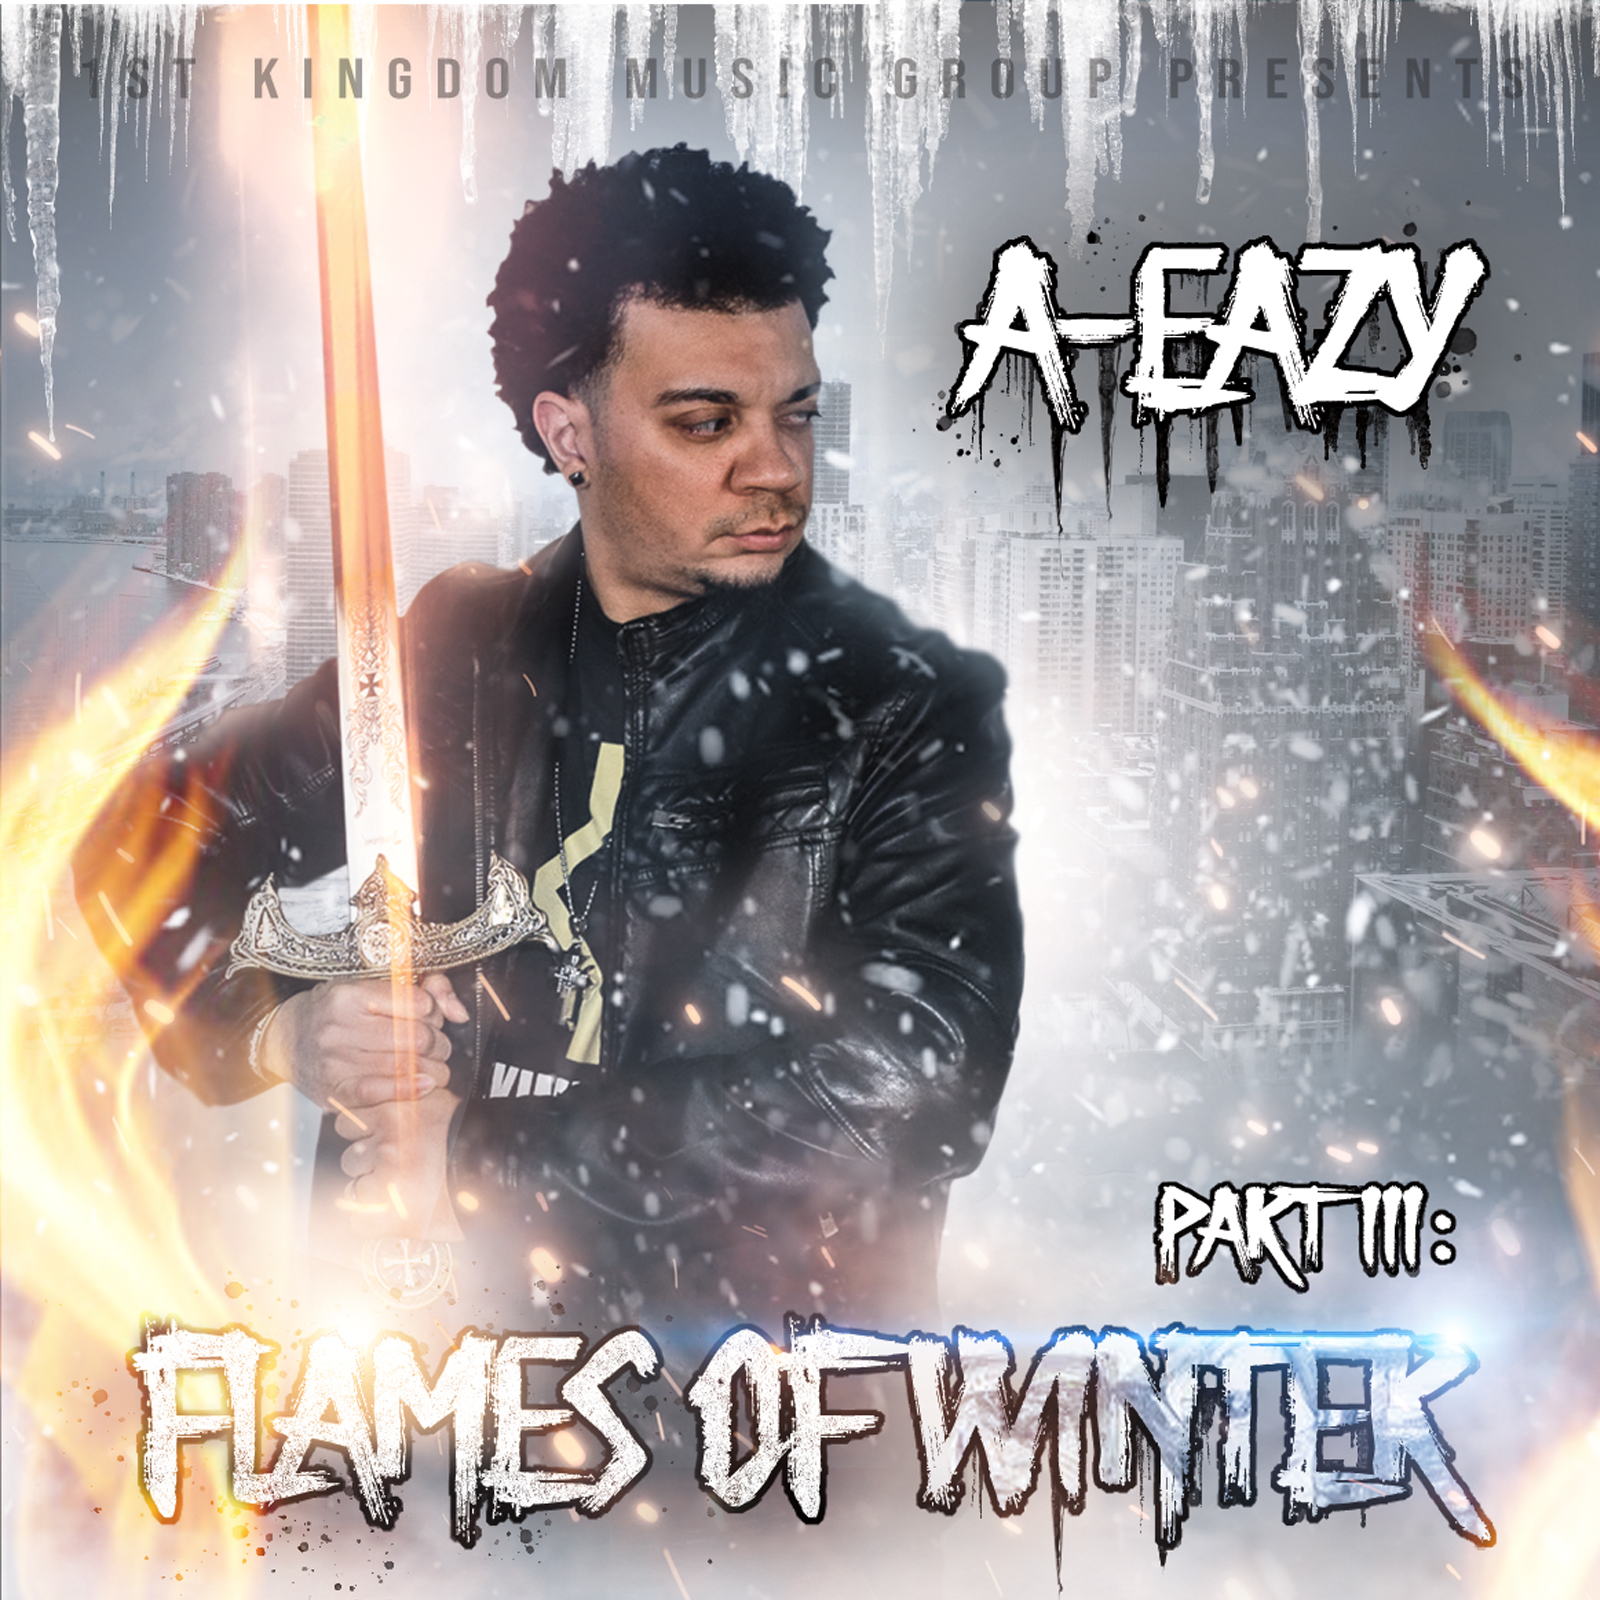 A-Eazy Reveals His New Album